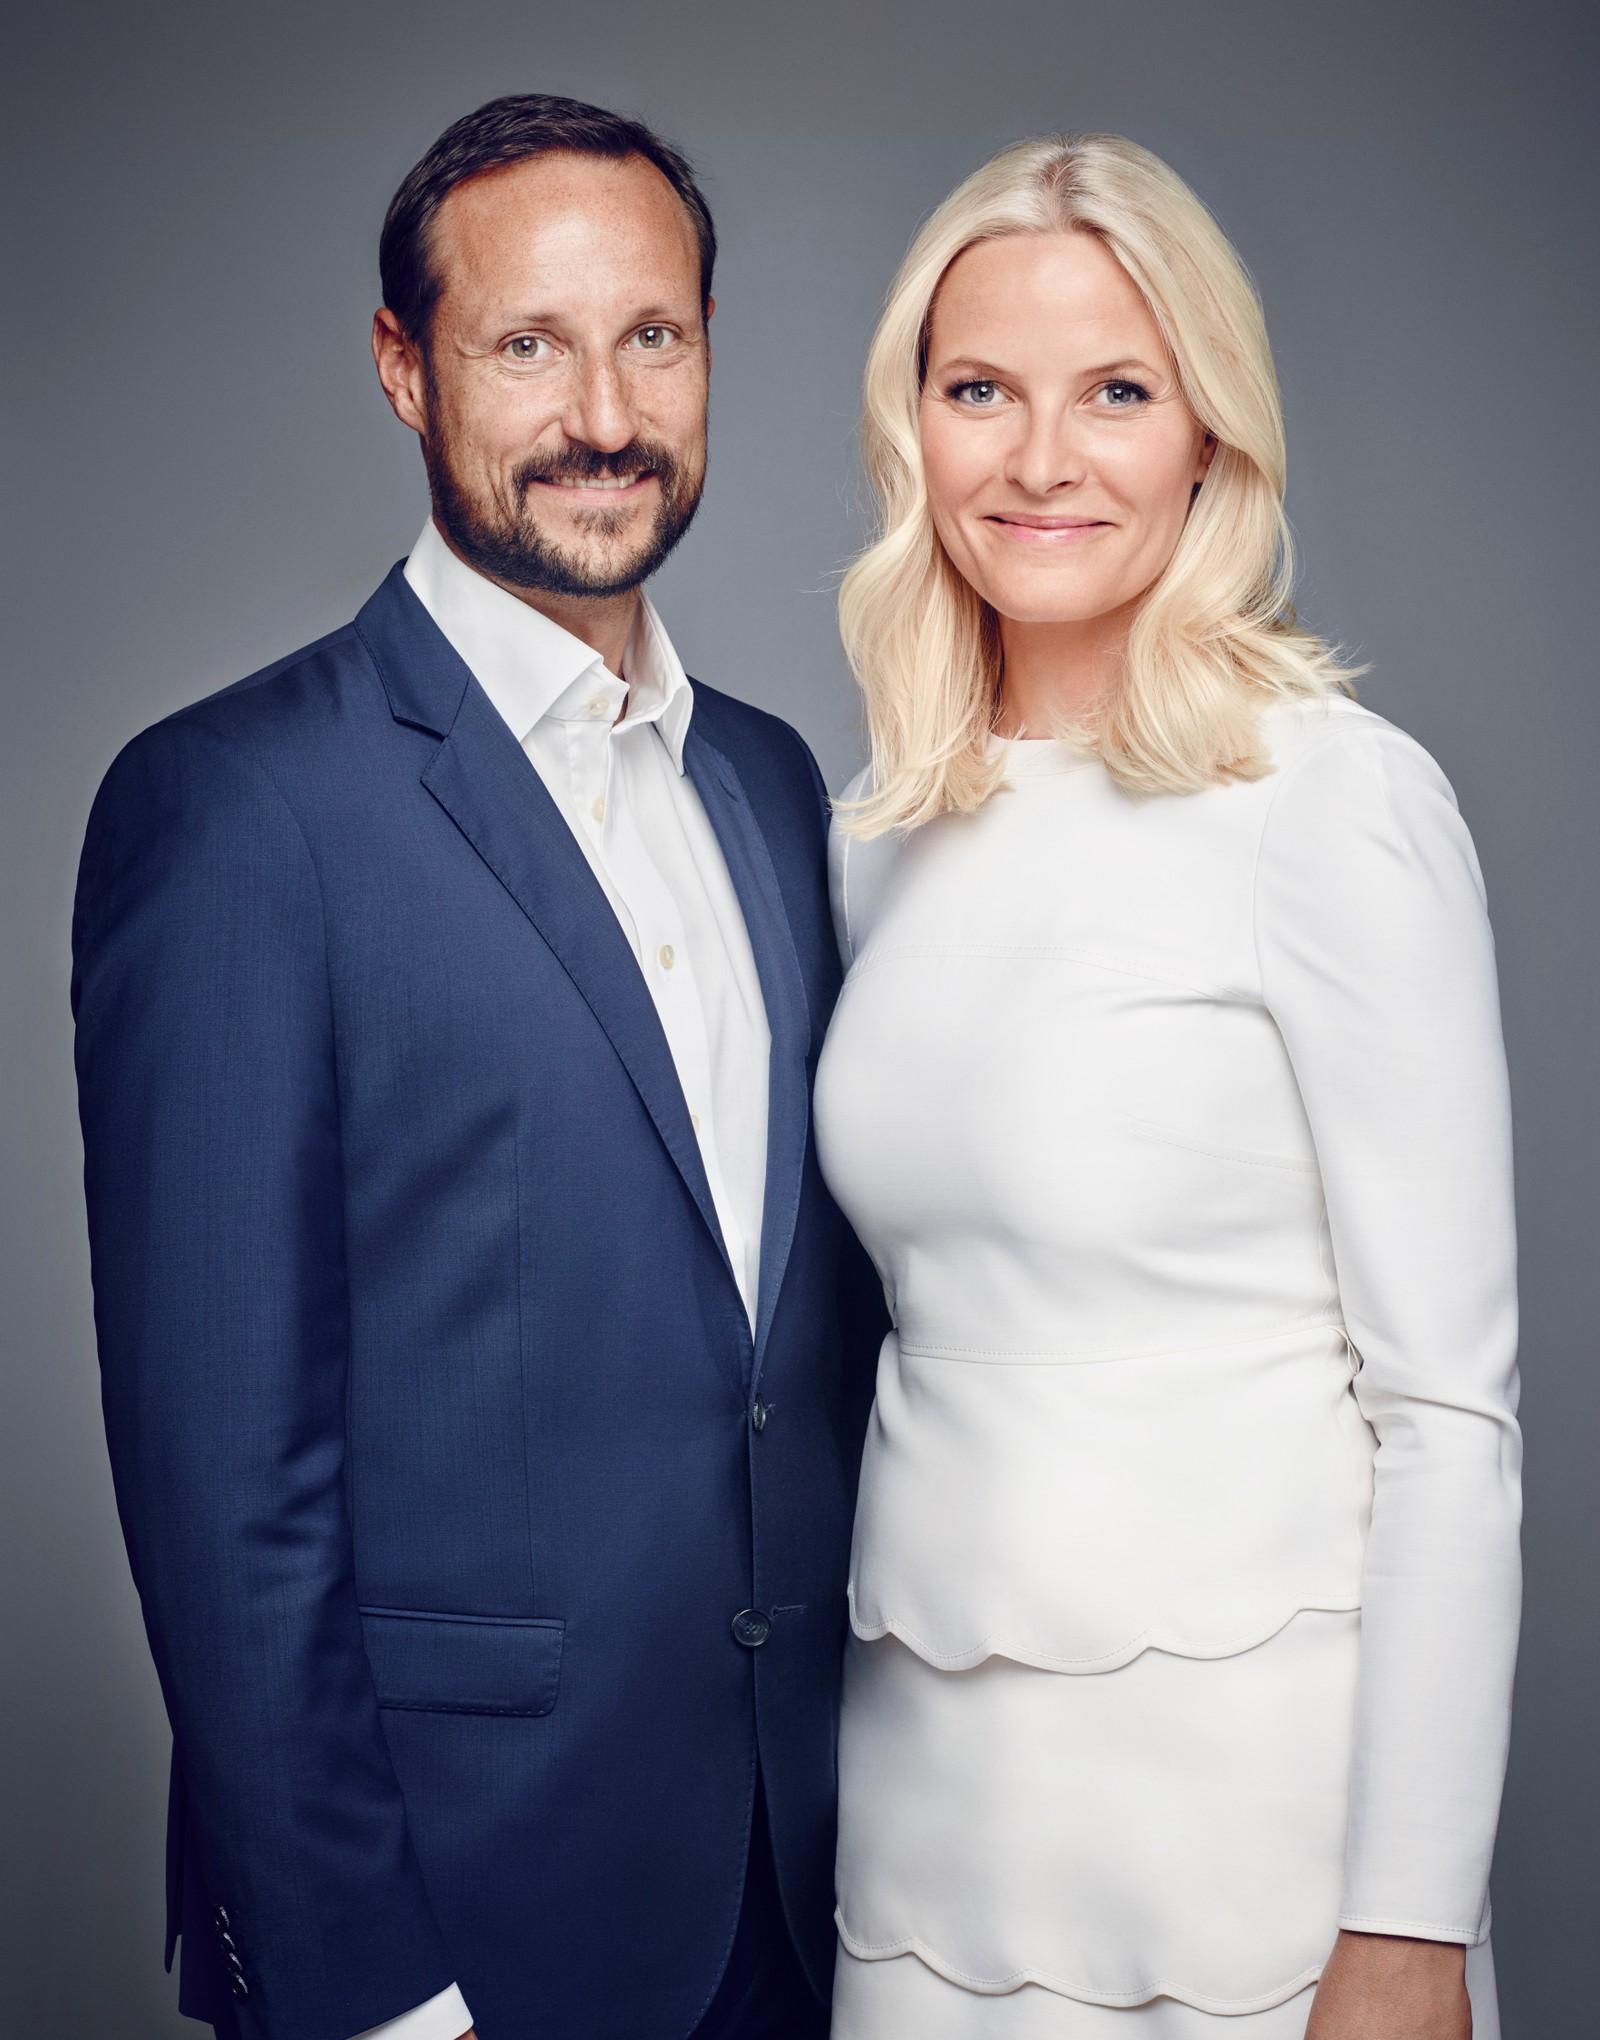 Deres Kongelige Høyheter Kronprinsen og Kronprinsessen.